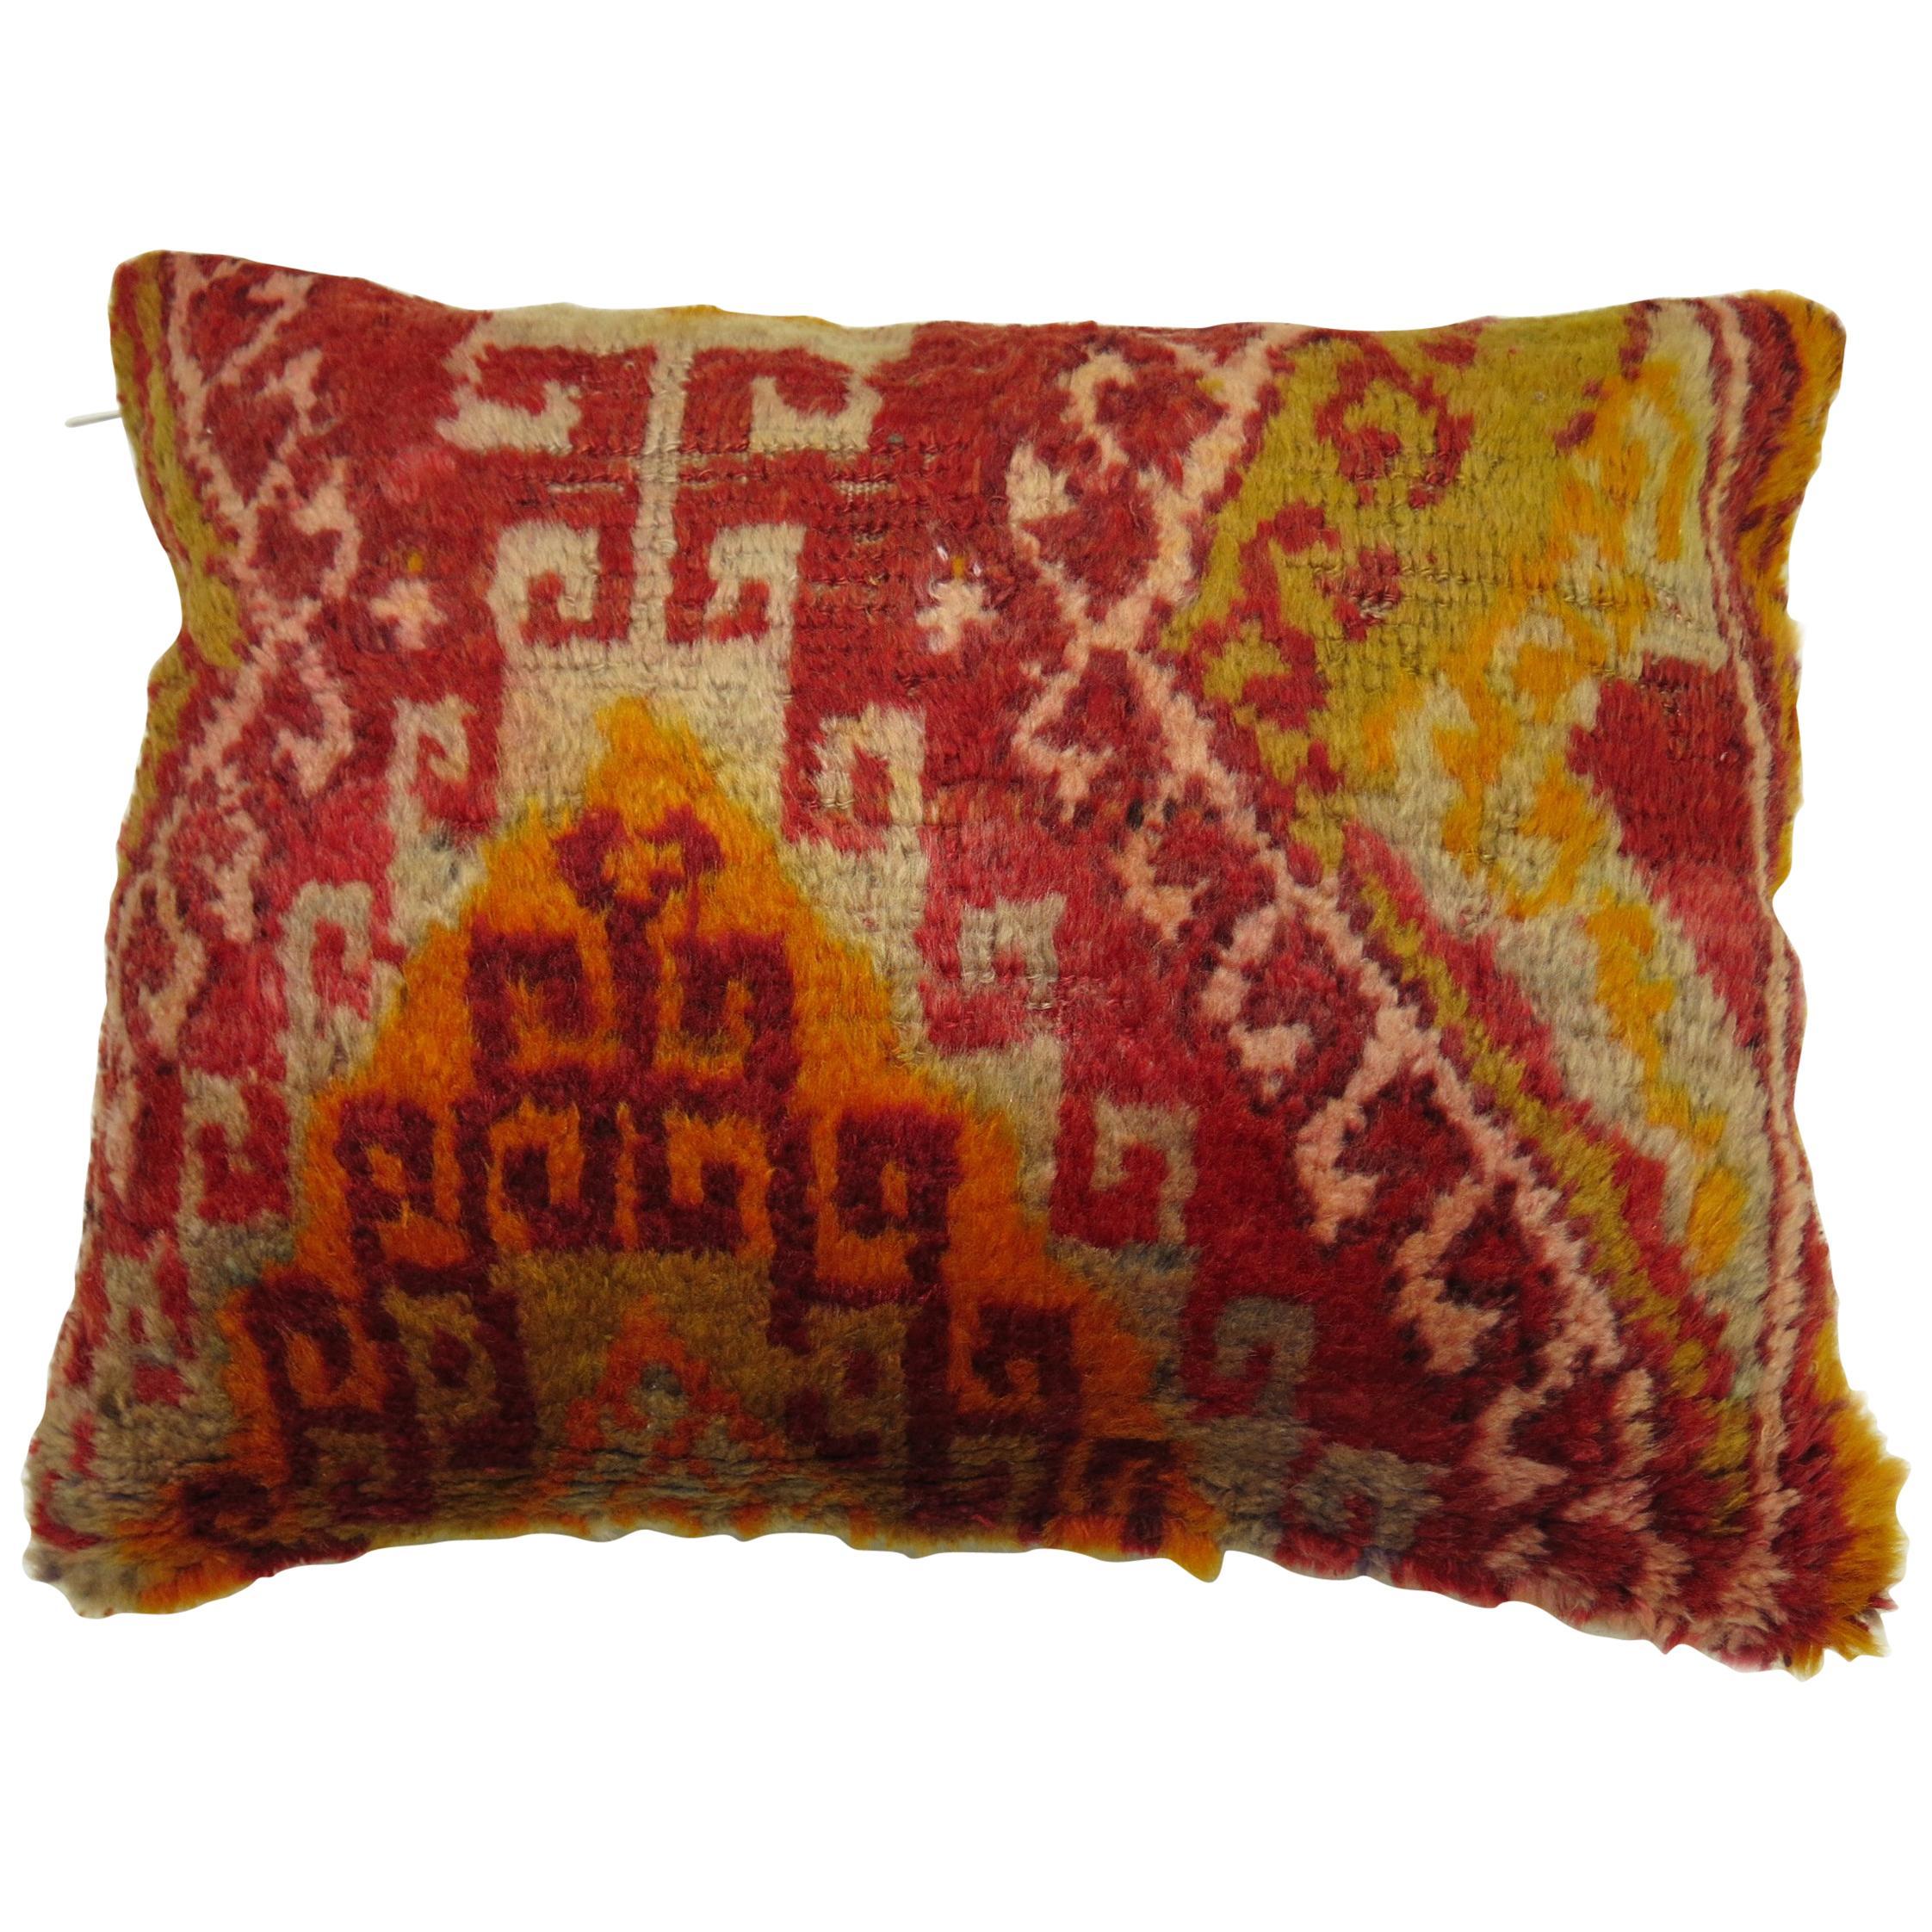 Boho Chic Vintage Turkish Lumbar Rug Pillow